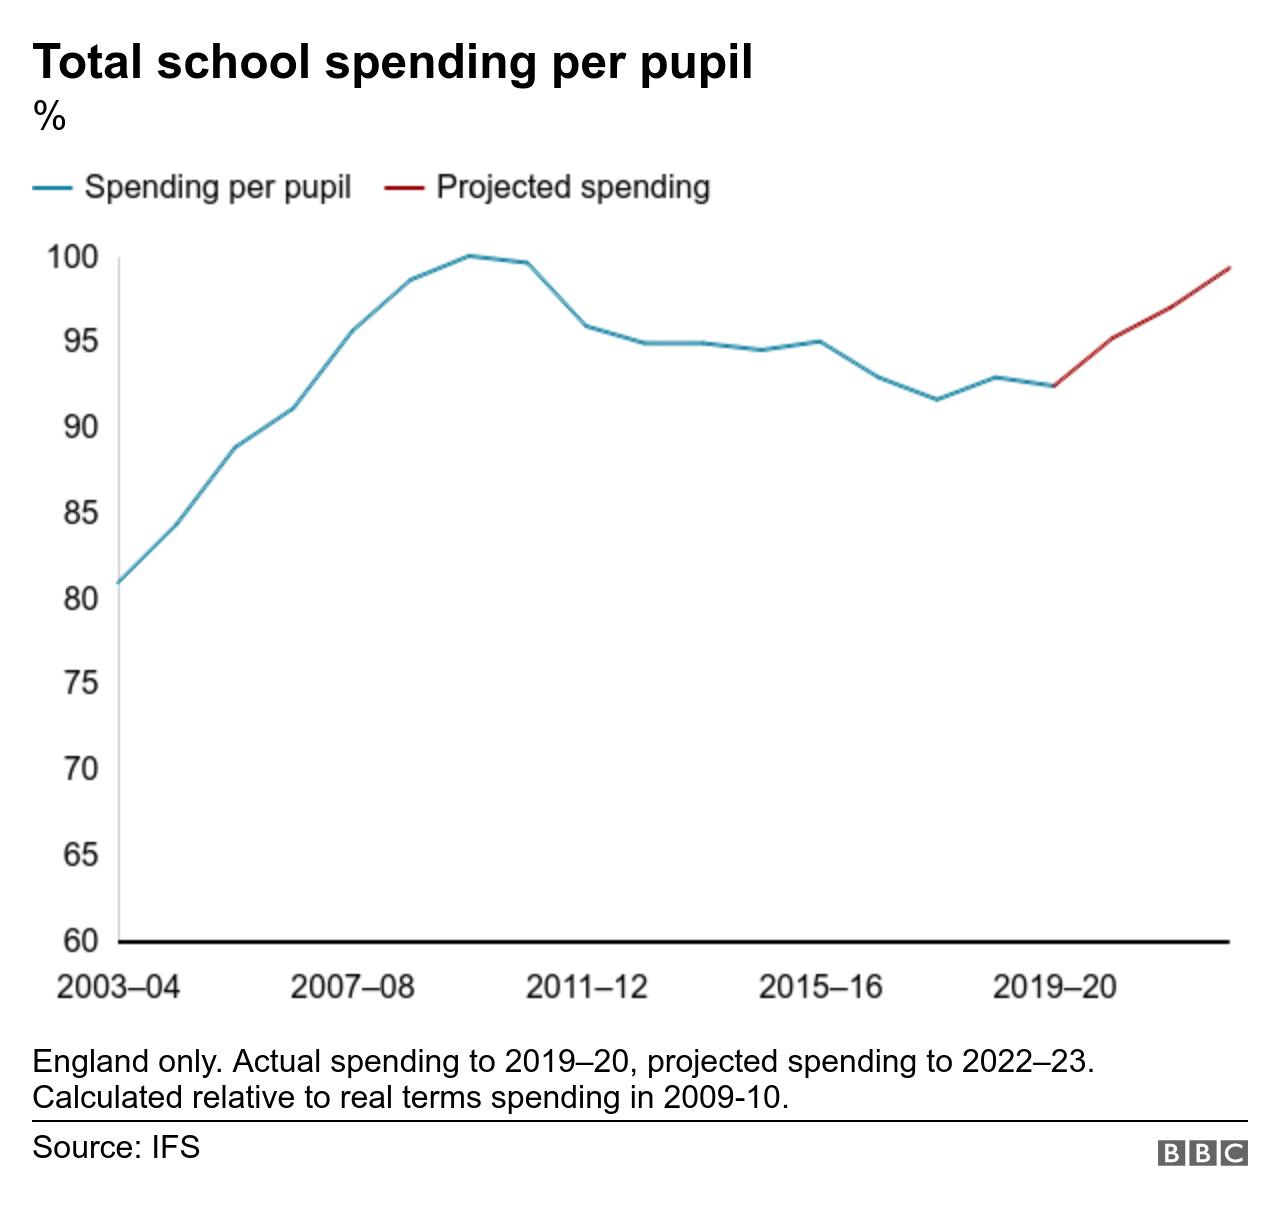 Total spending per pupil